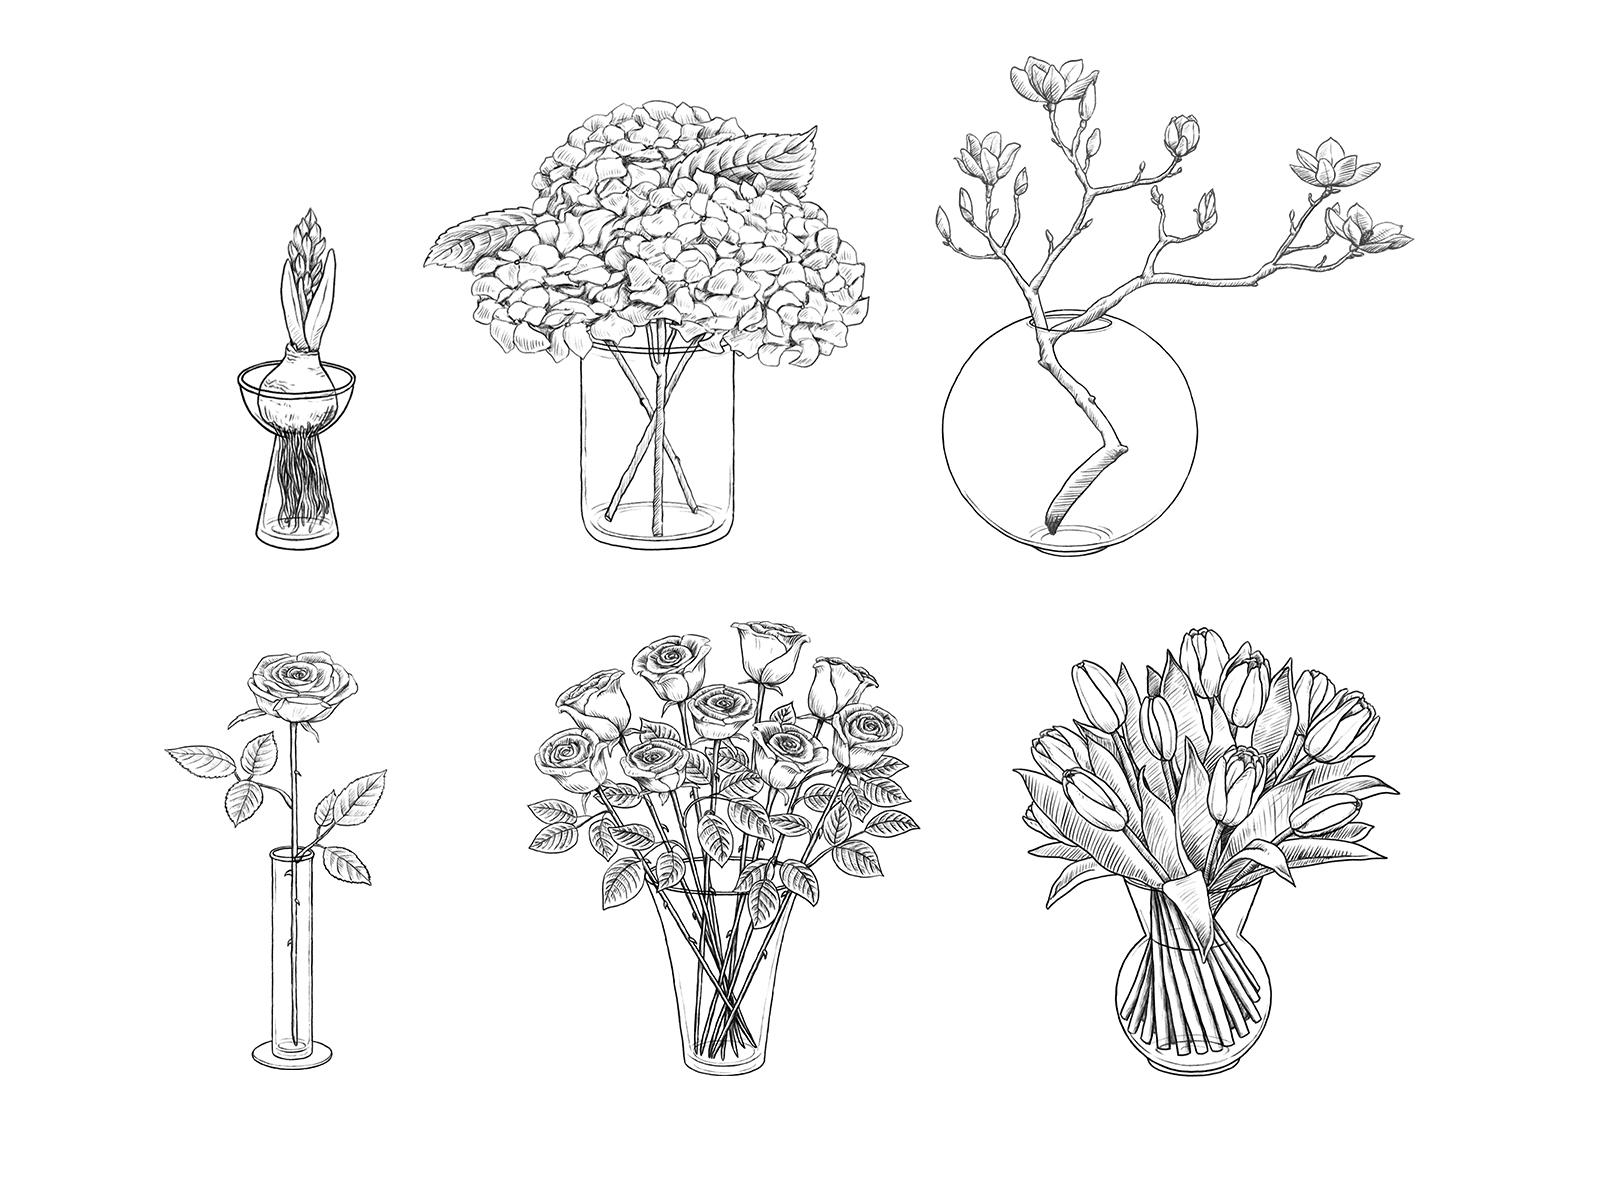 illustration-Handbok_i_inredning_och_styling-Mia_Olofsson_08